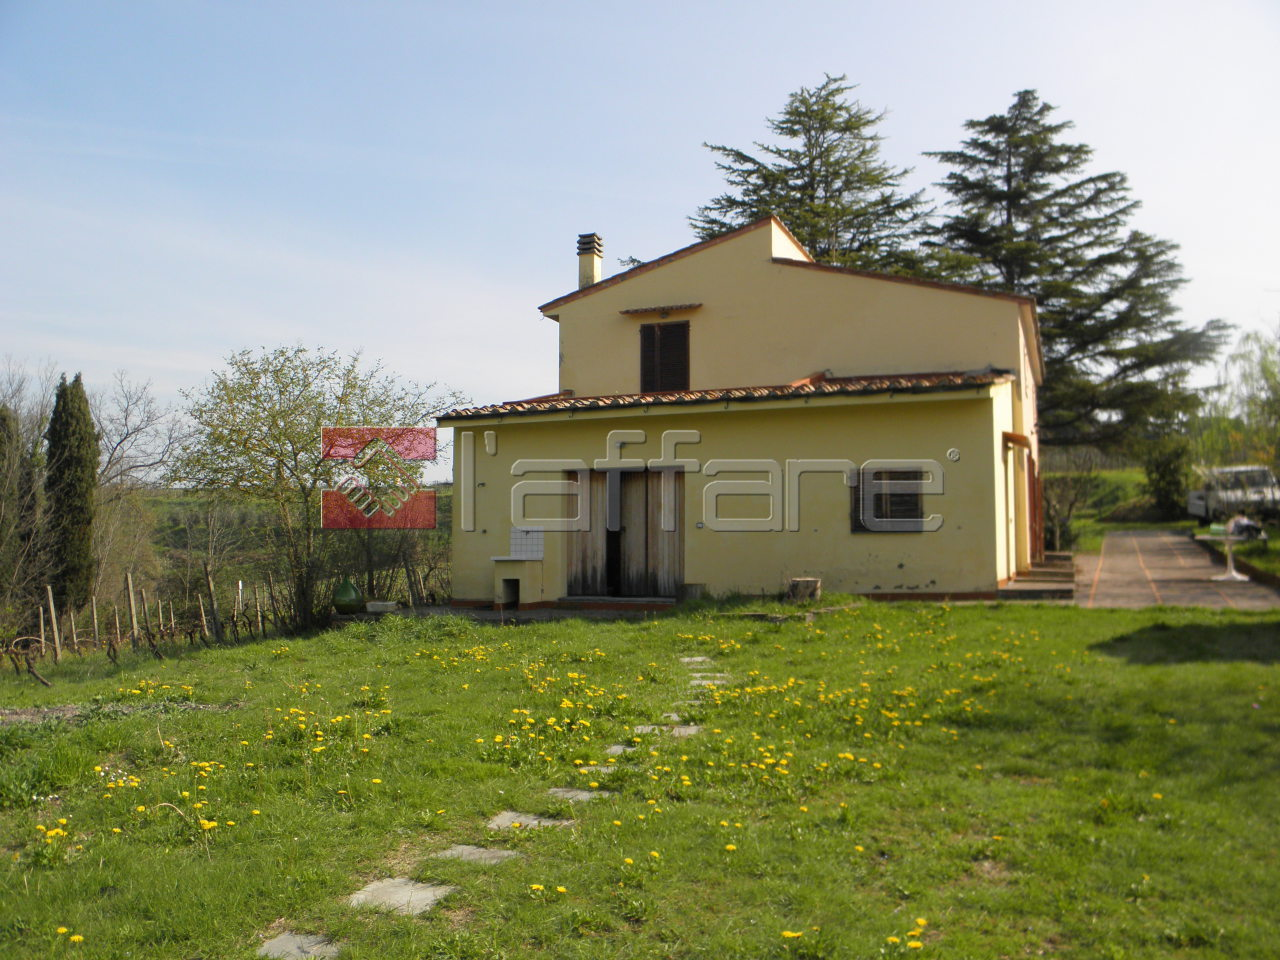 Rustico / Casale in vendita a Terricciola, 9 locali, prezzo € 350.000 | Cambio Casa.it